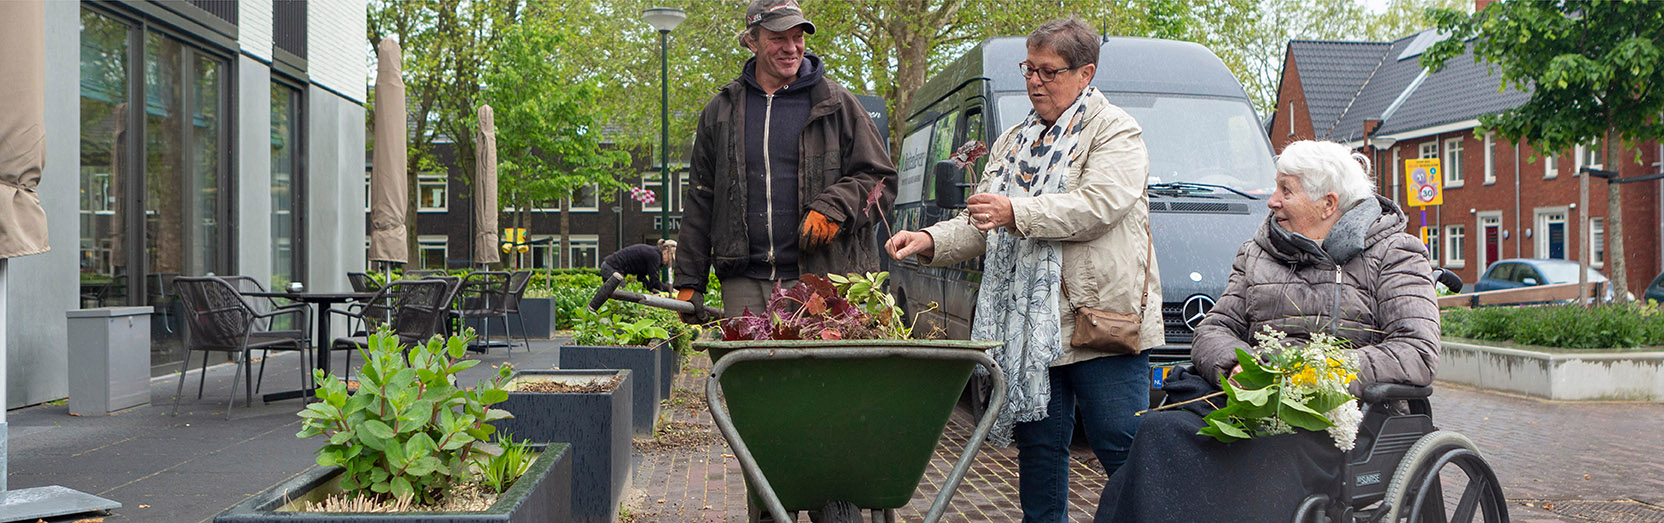 bewoners tuinieren met vrijwilligers